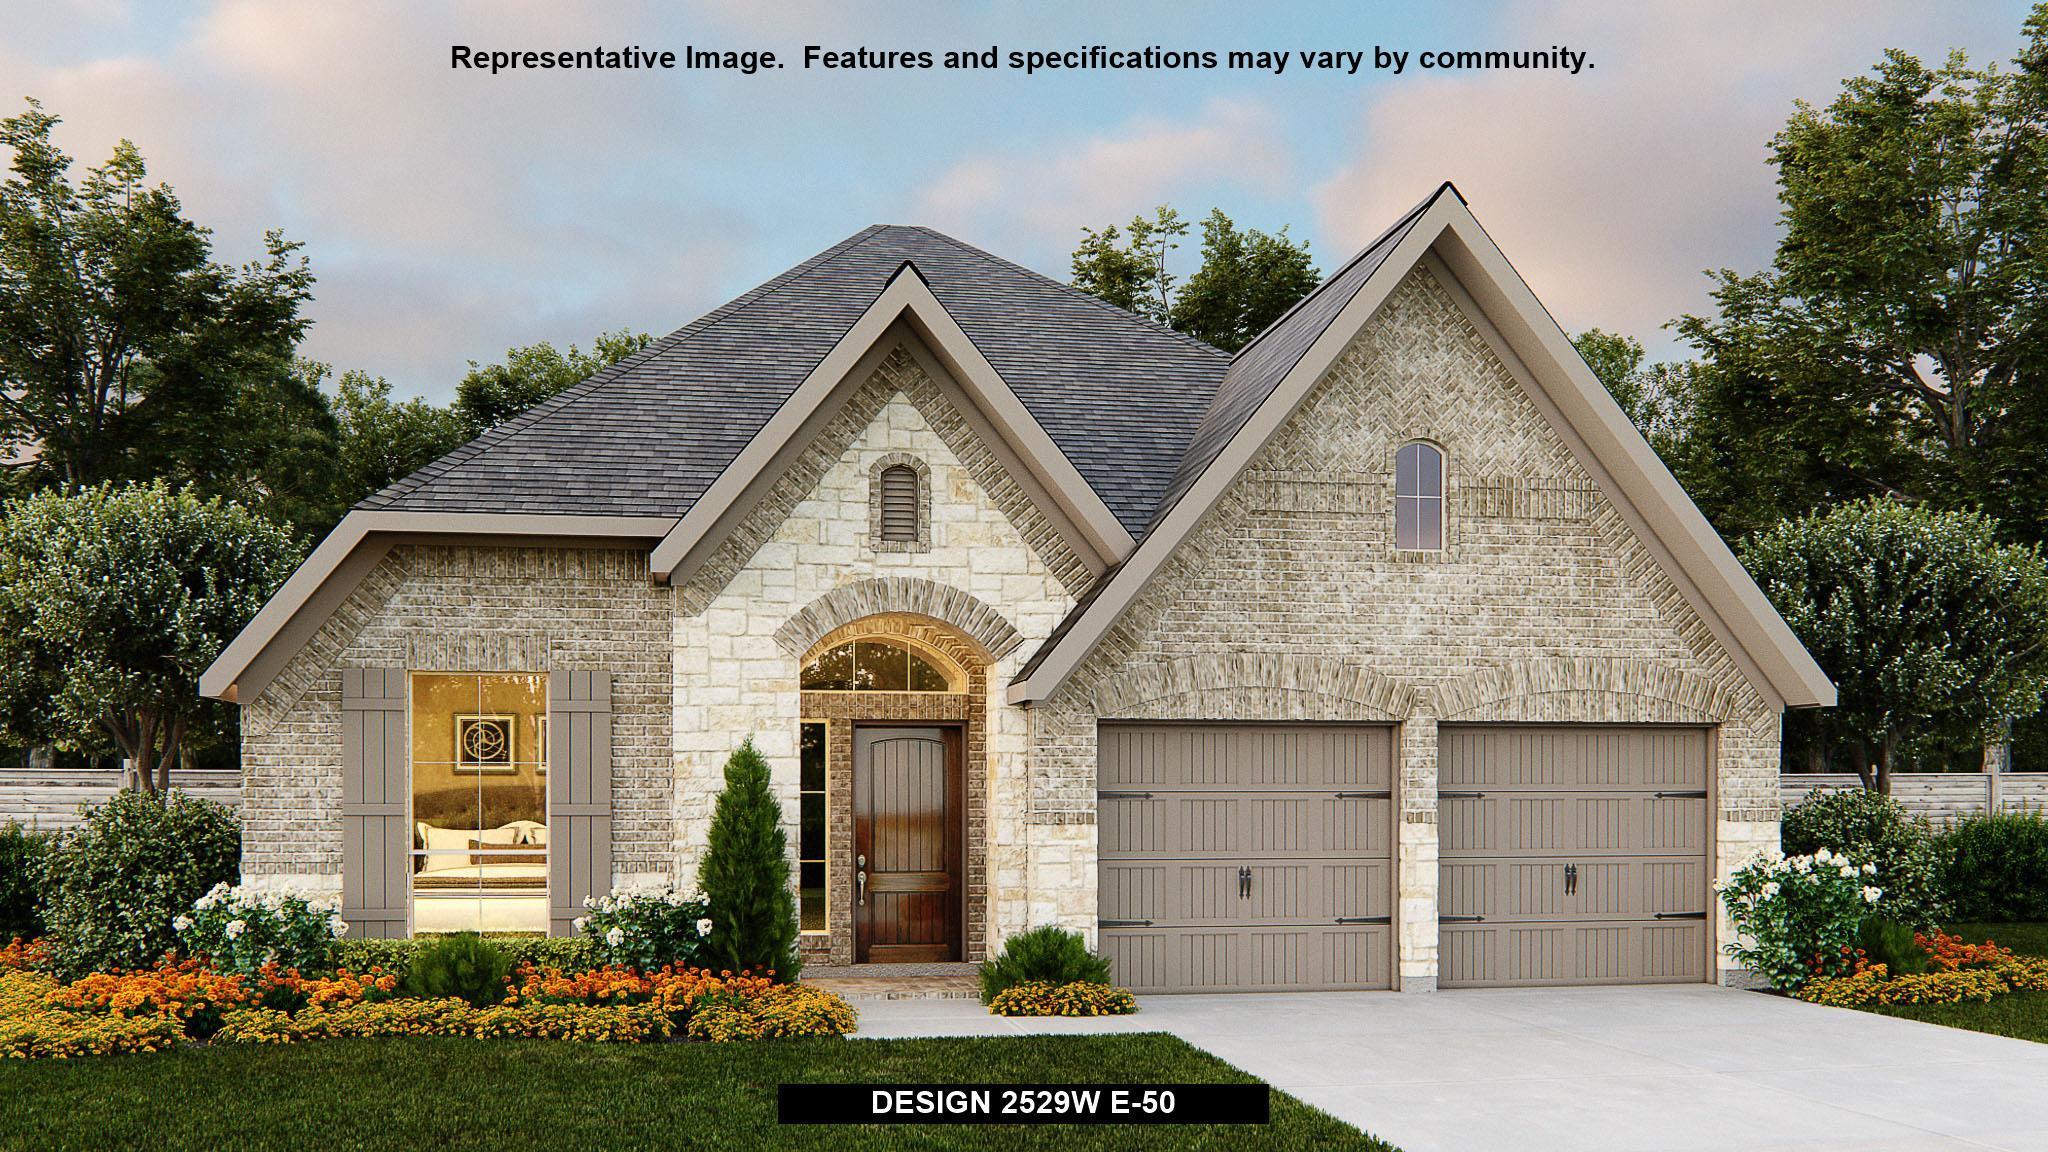 Perry homes-eagle ridge model